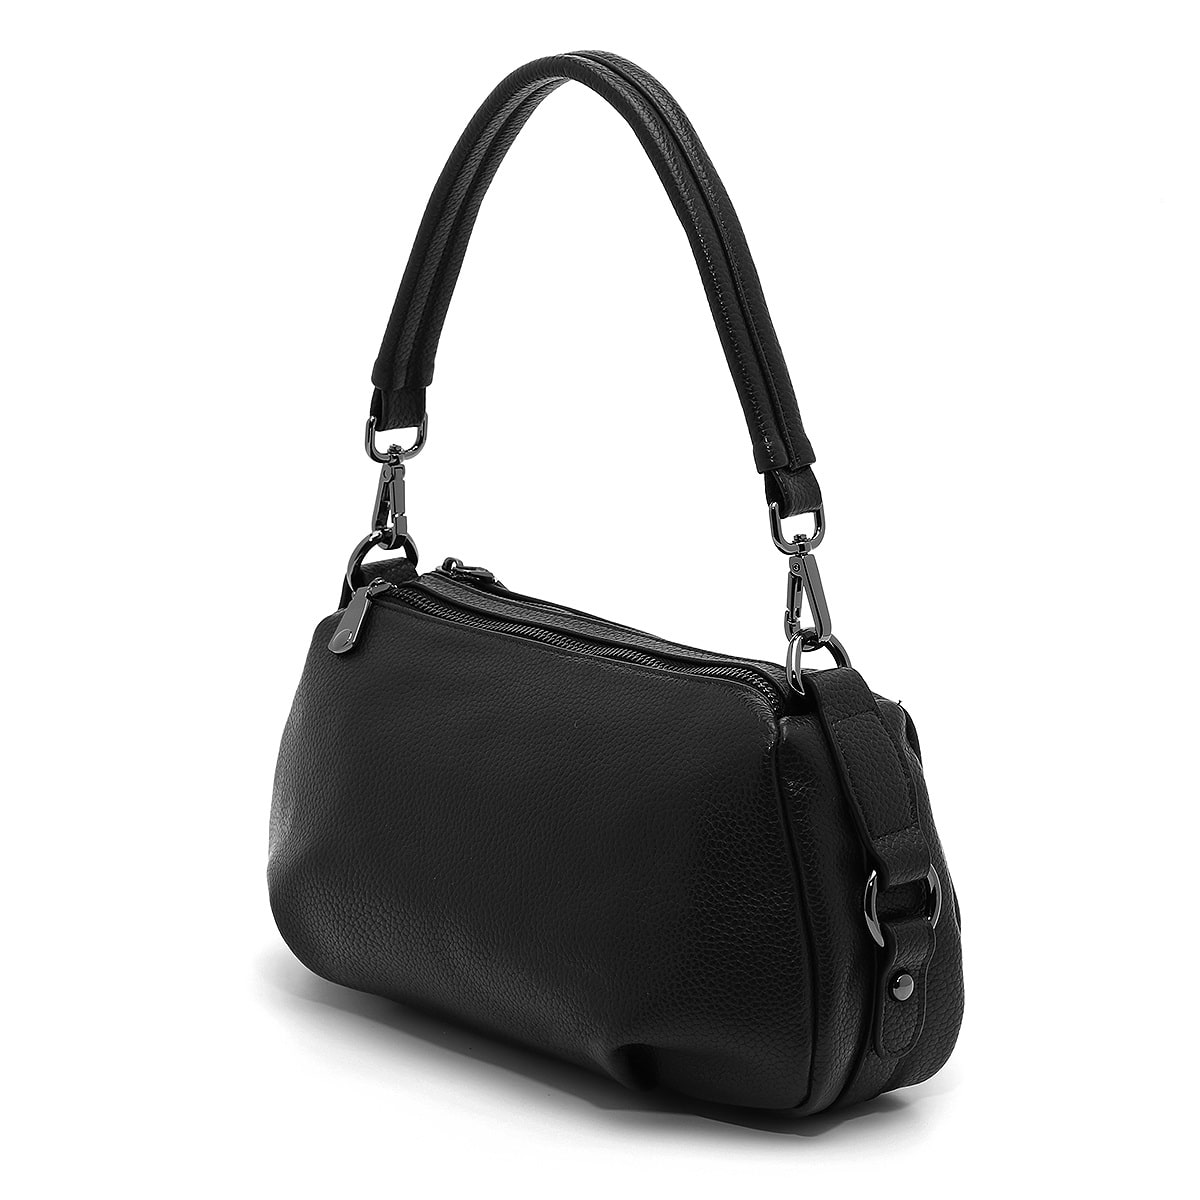 דגם הלן: תיק צד לנשים בצבע שחור